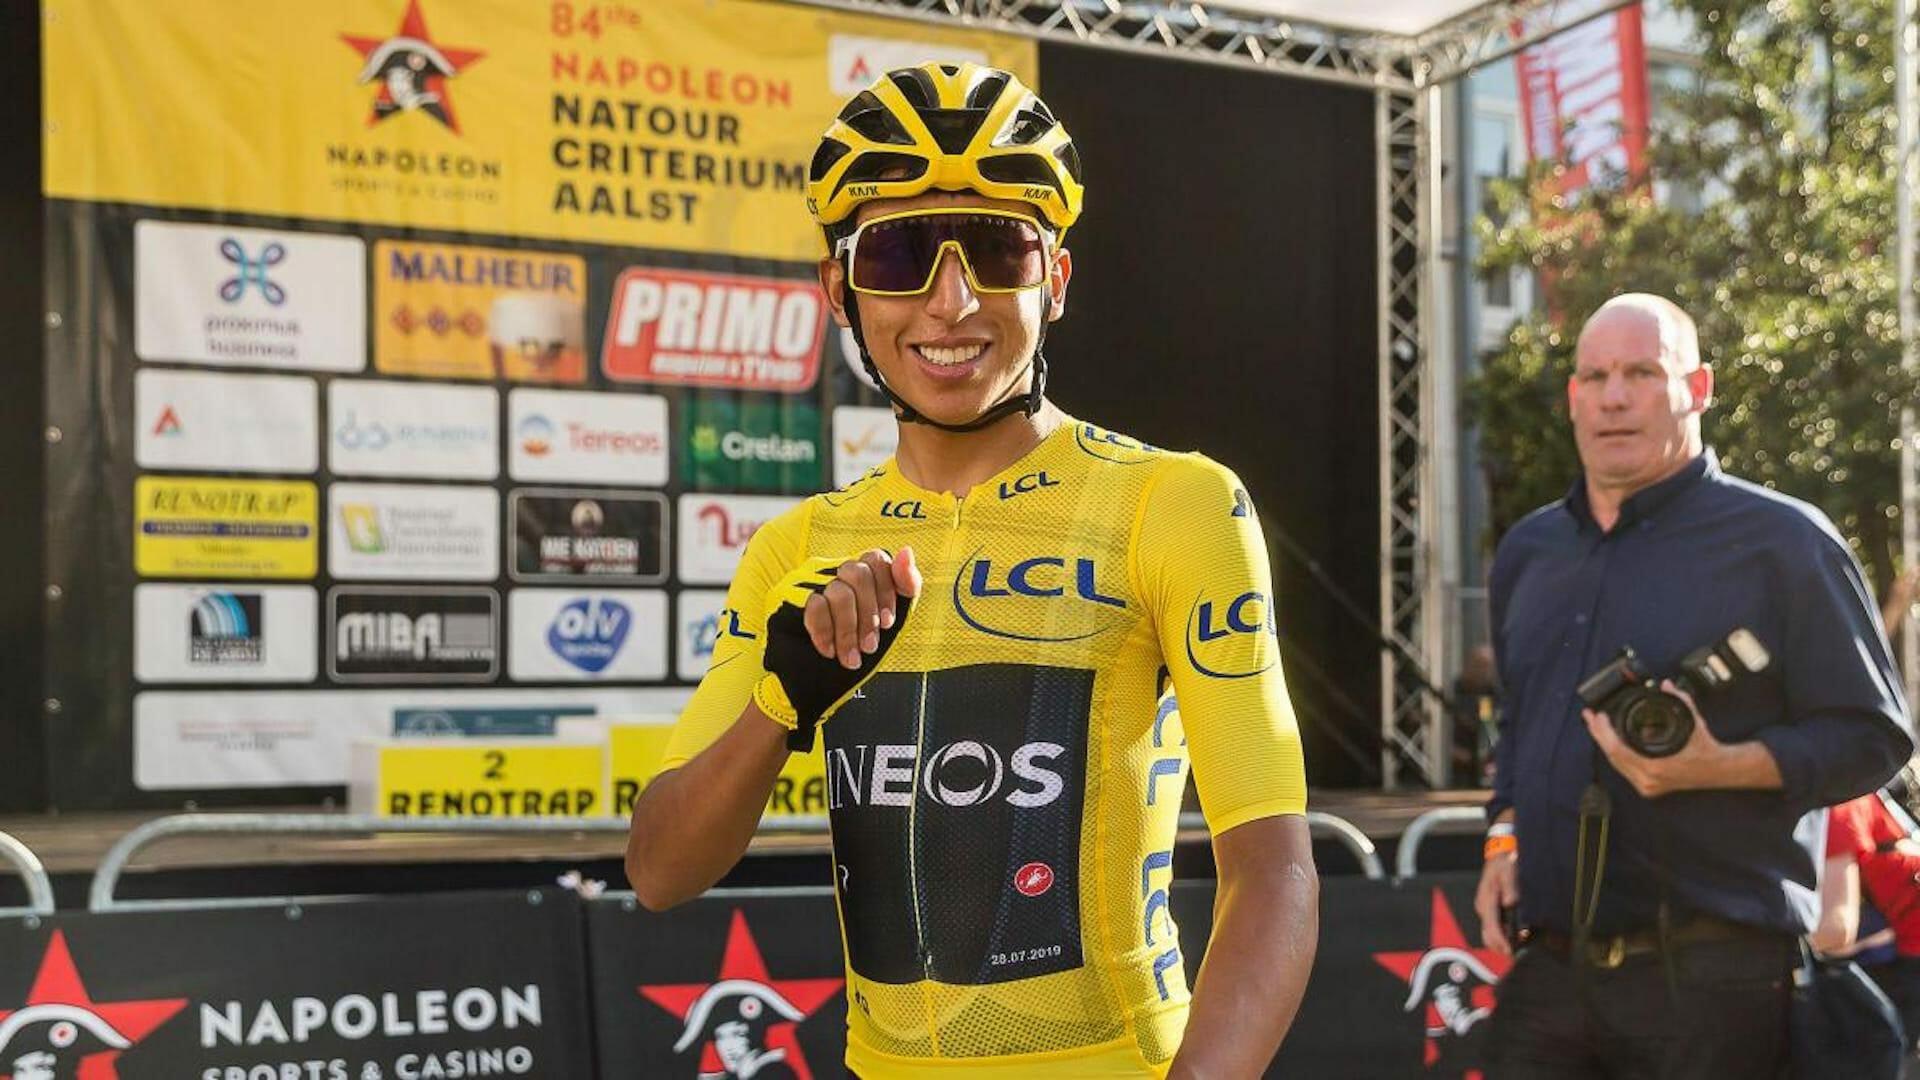 Focus sur les Critérium d'après Tour de France